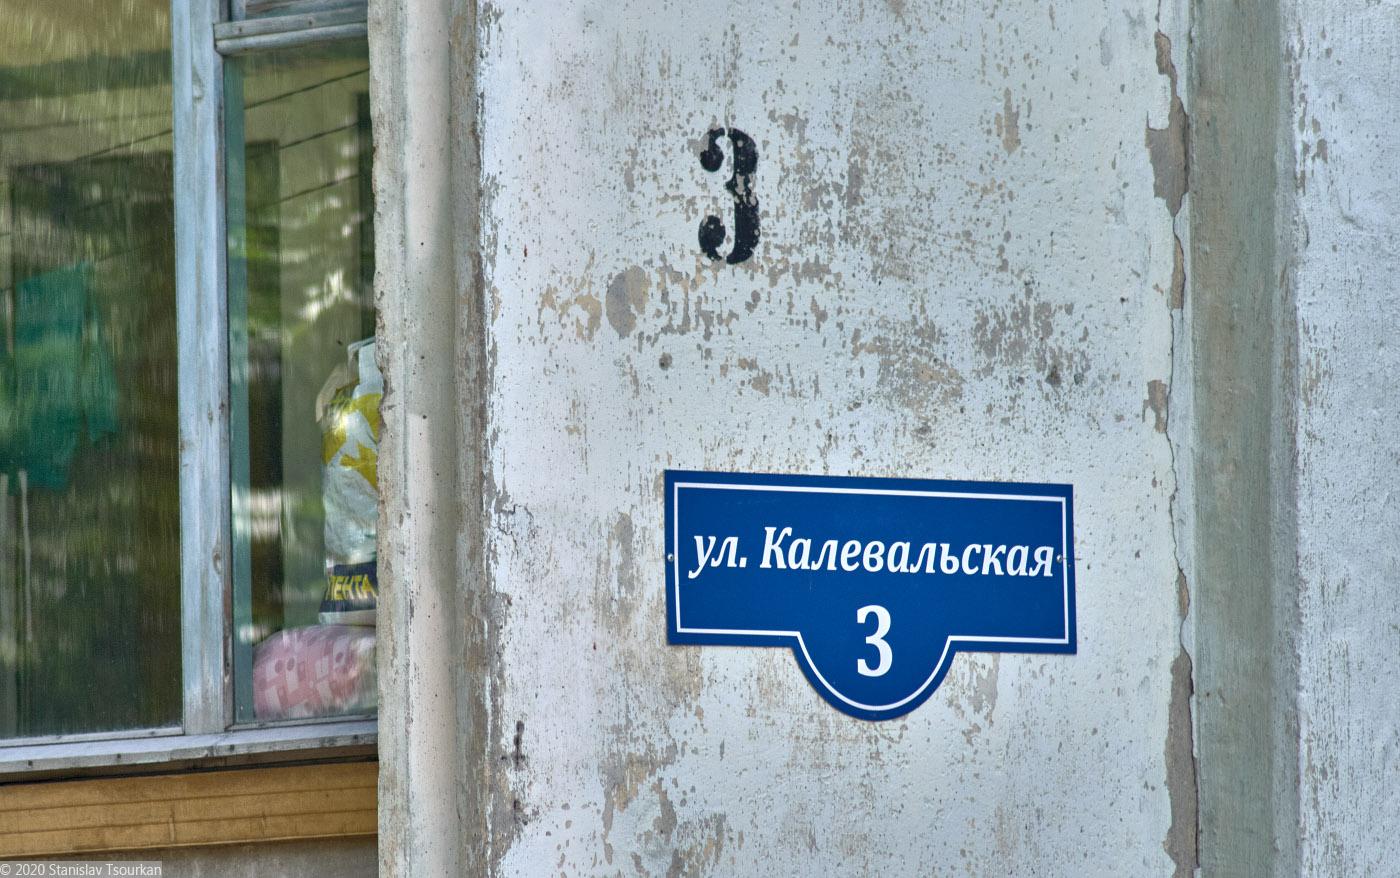 Карелия, республика Карелия, Сортавала, russia, karjala, sortavala, Калевальская улица